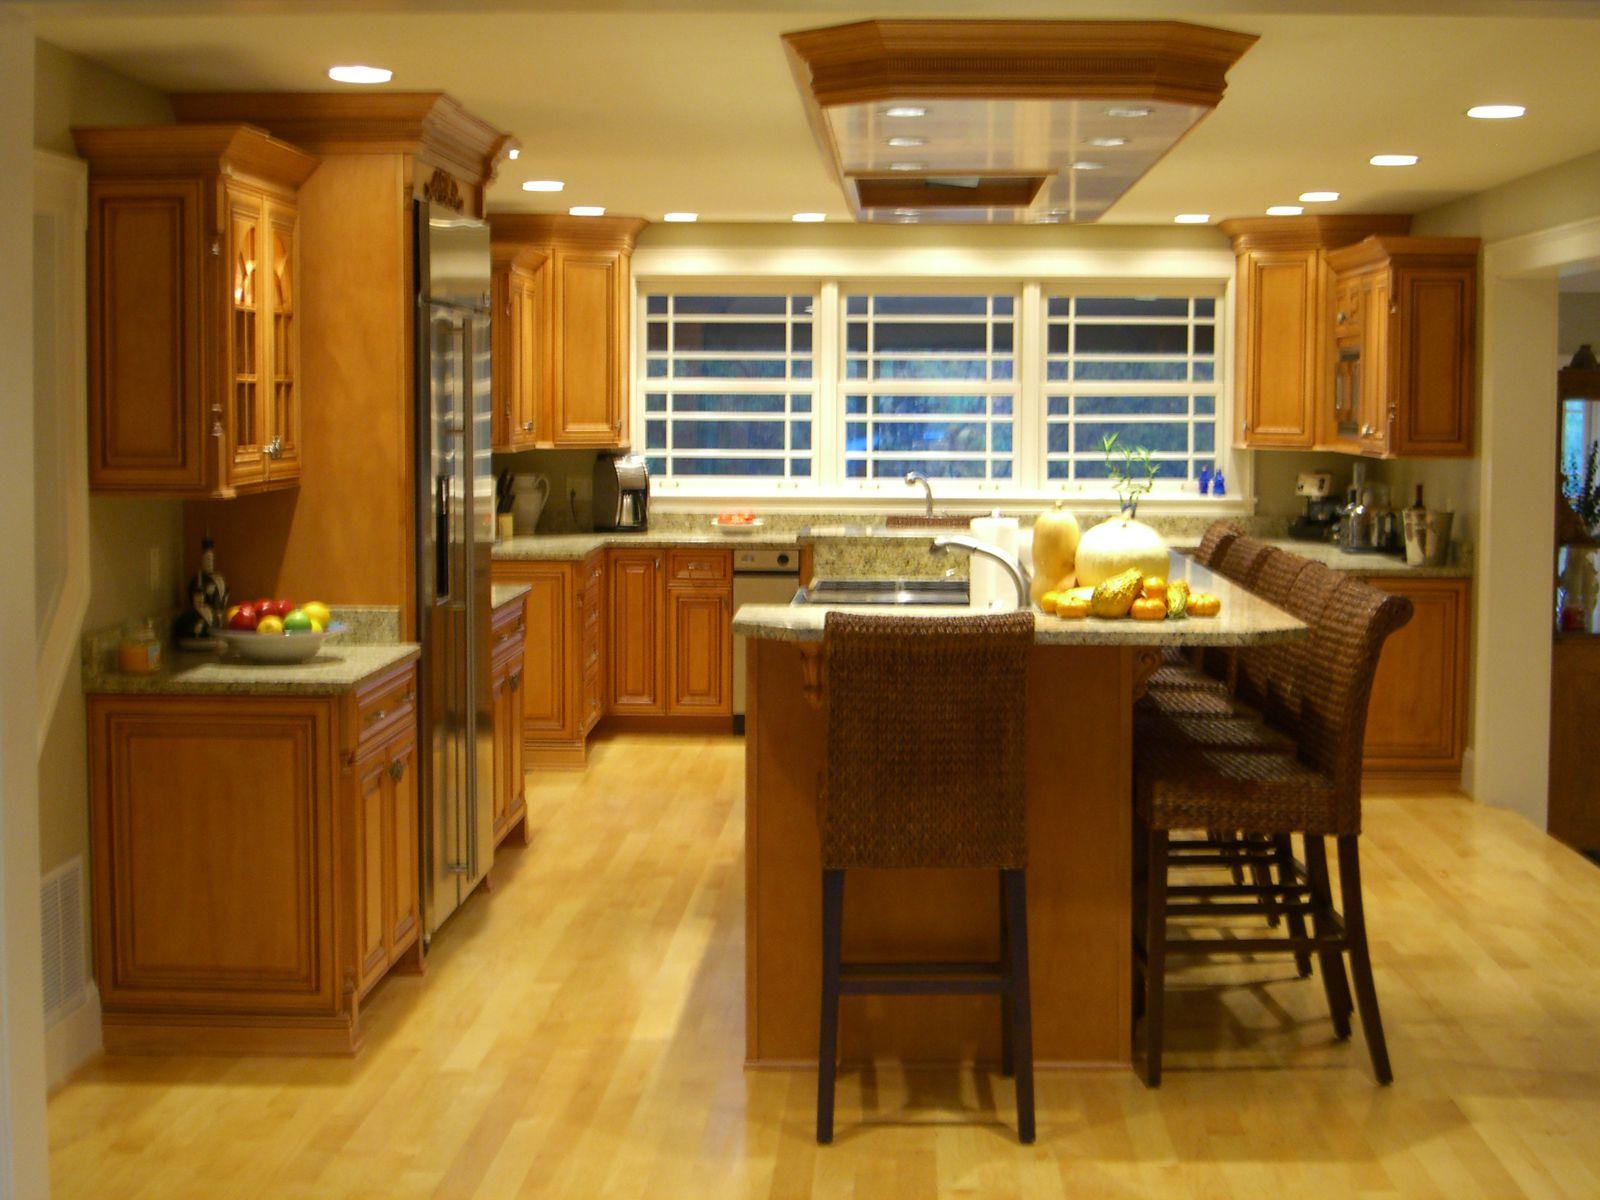 Manor House Kitchens Inc image 0